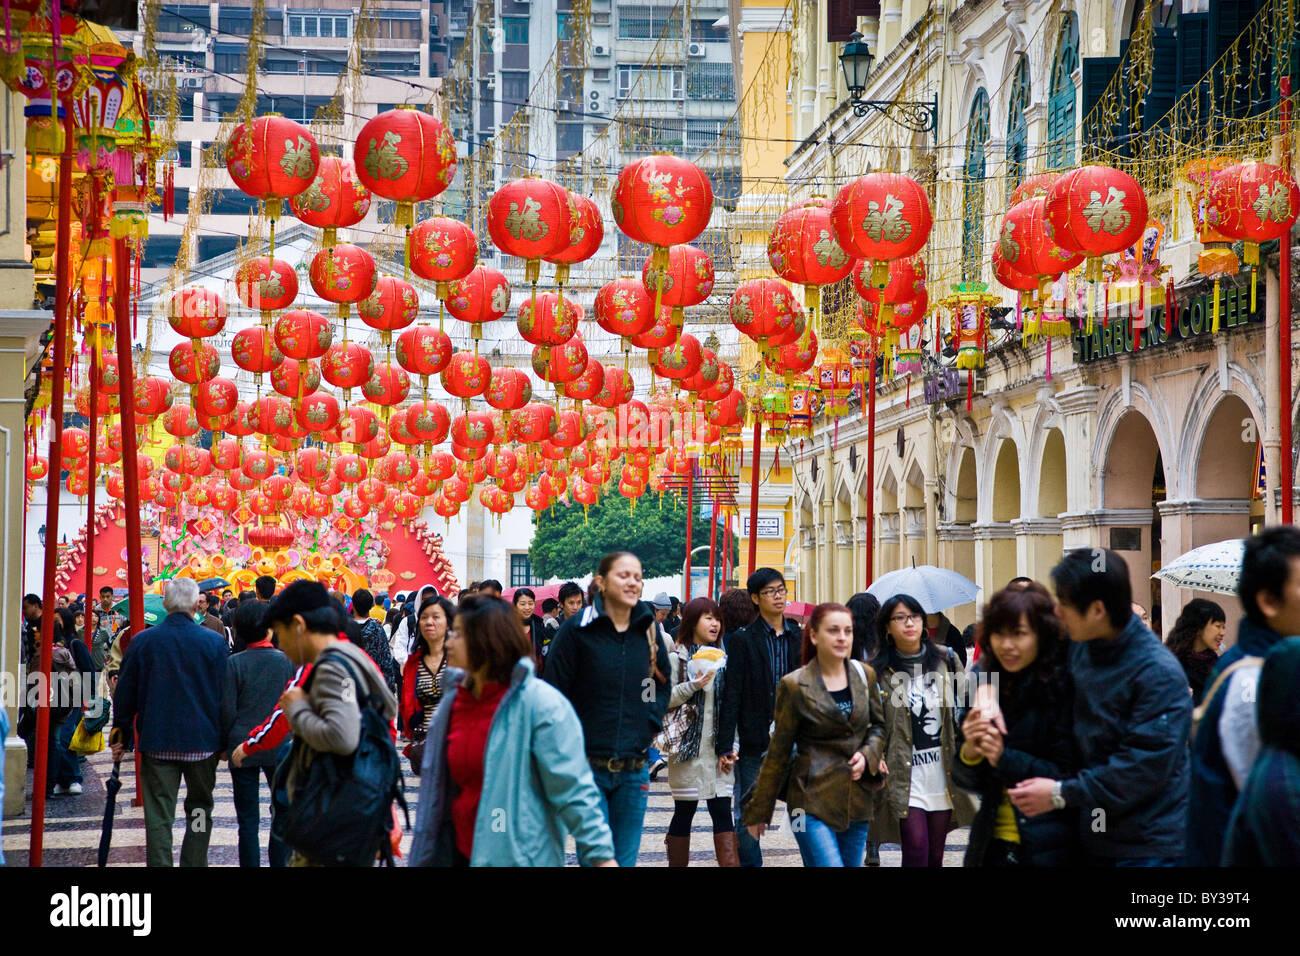 Año nuevo chino linternas sobre las multitudes de gente local en una calle en Macao, China. JMH4165 Imagen De Stock